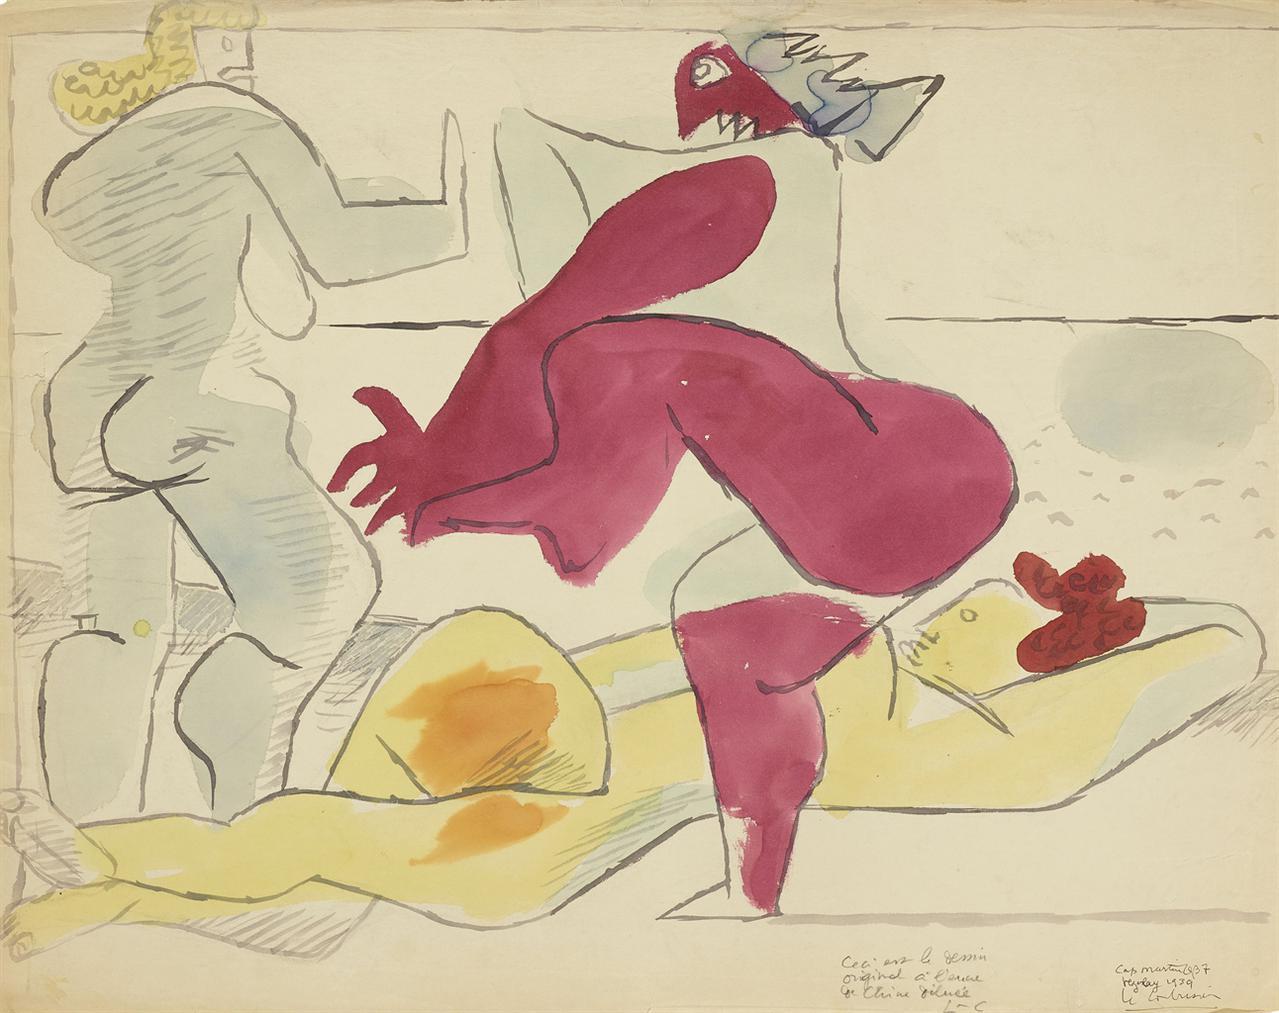 Le Corbusier-Etude Sur Le Theme De Baigneuses Et Rochers-1939